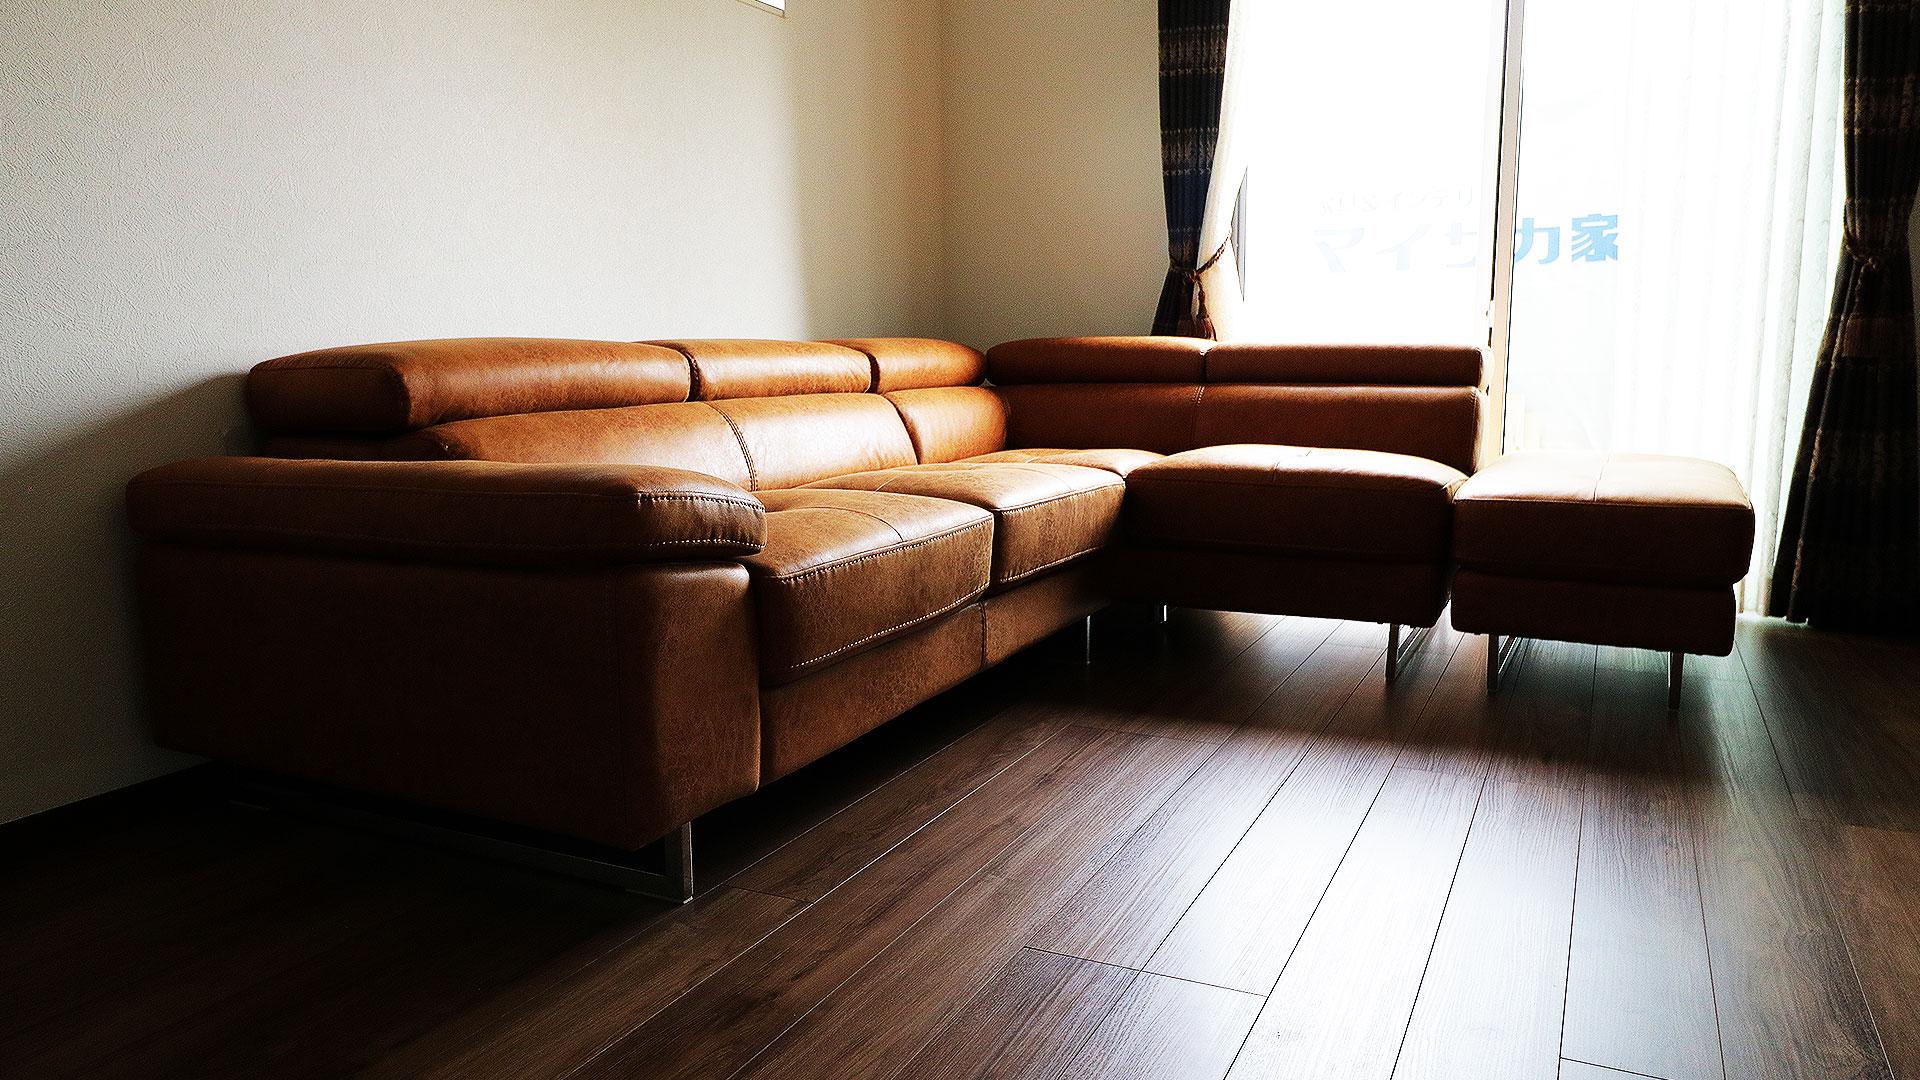 関家具のレザーテックスのコーナーソファロブストをお部屋に置いた設置後の写真